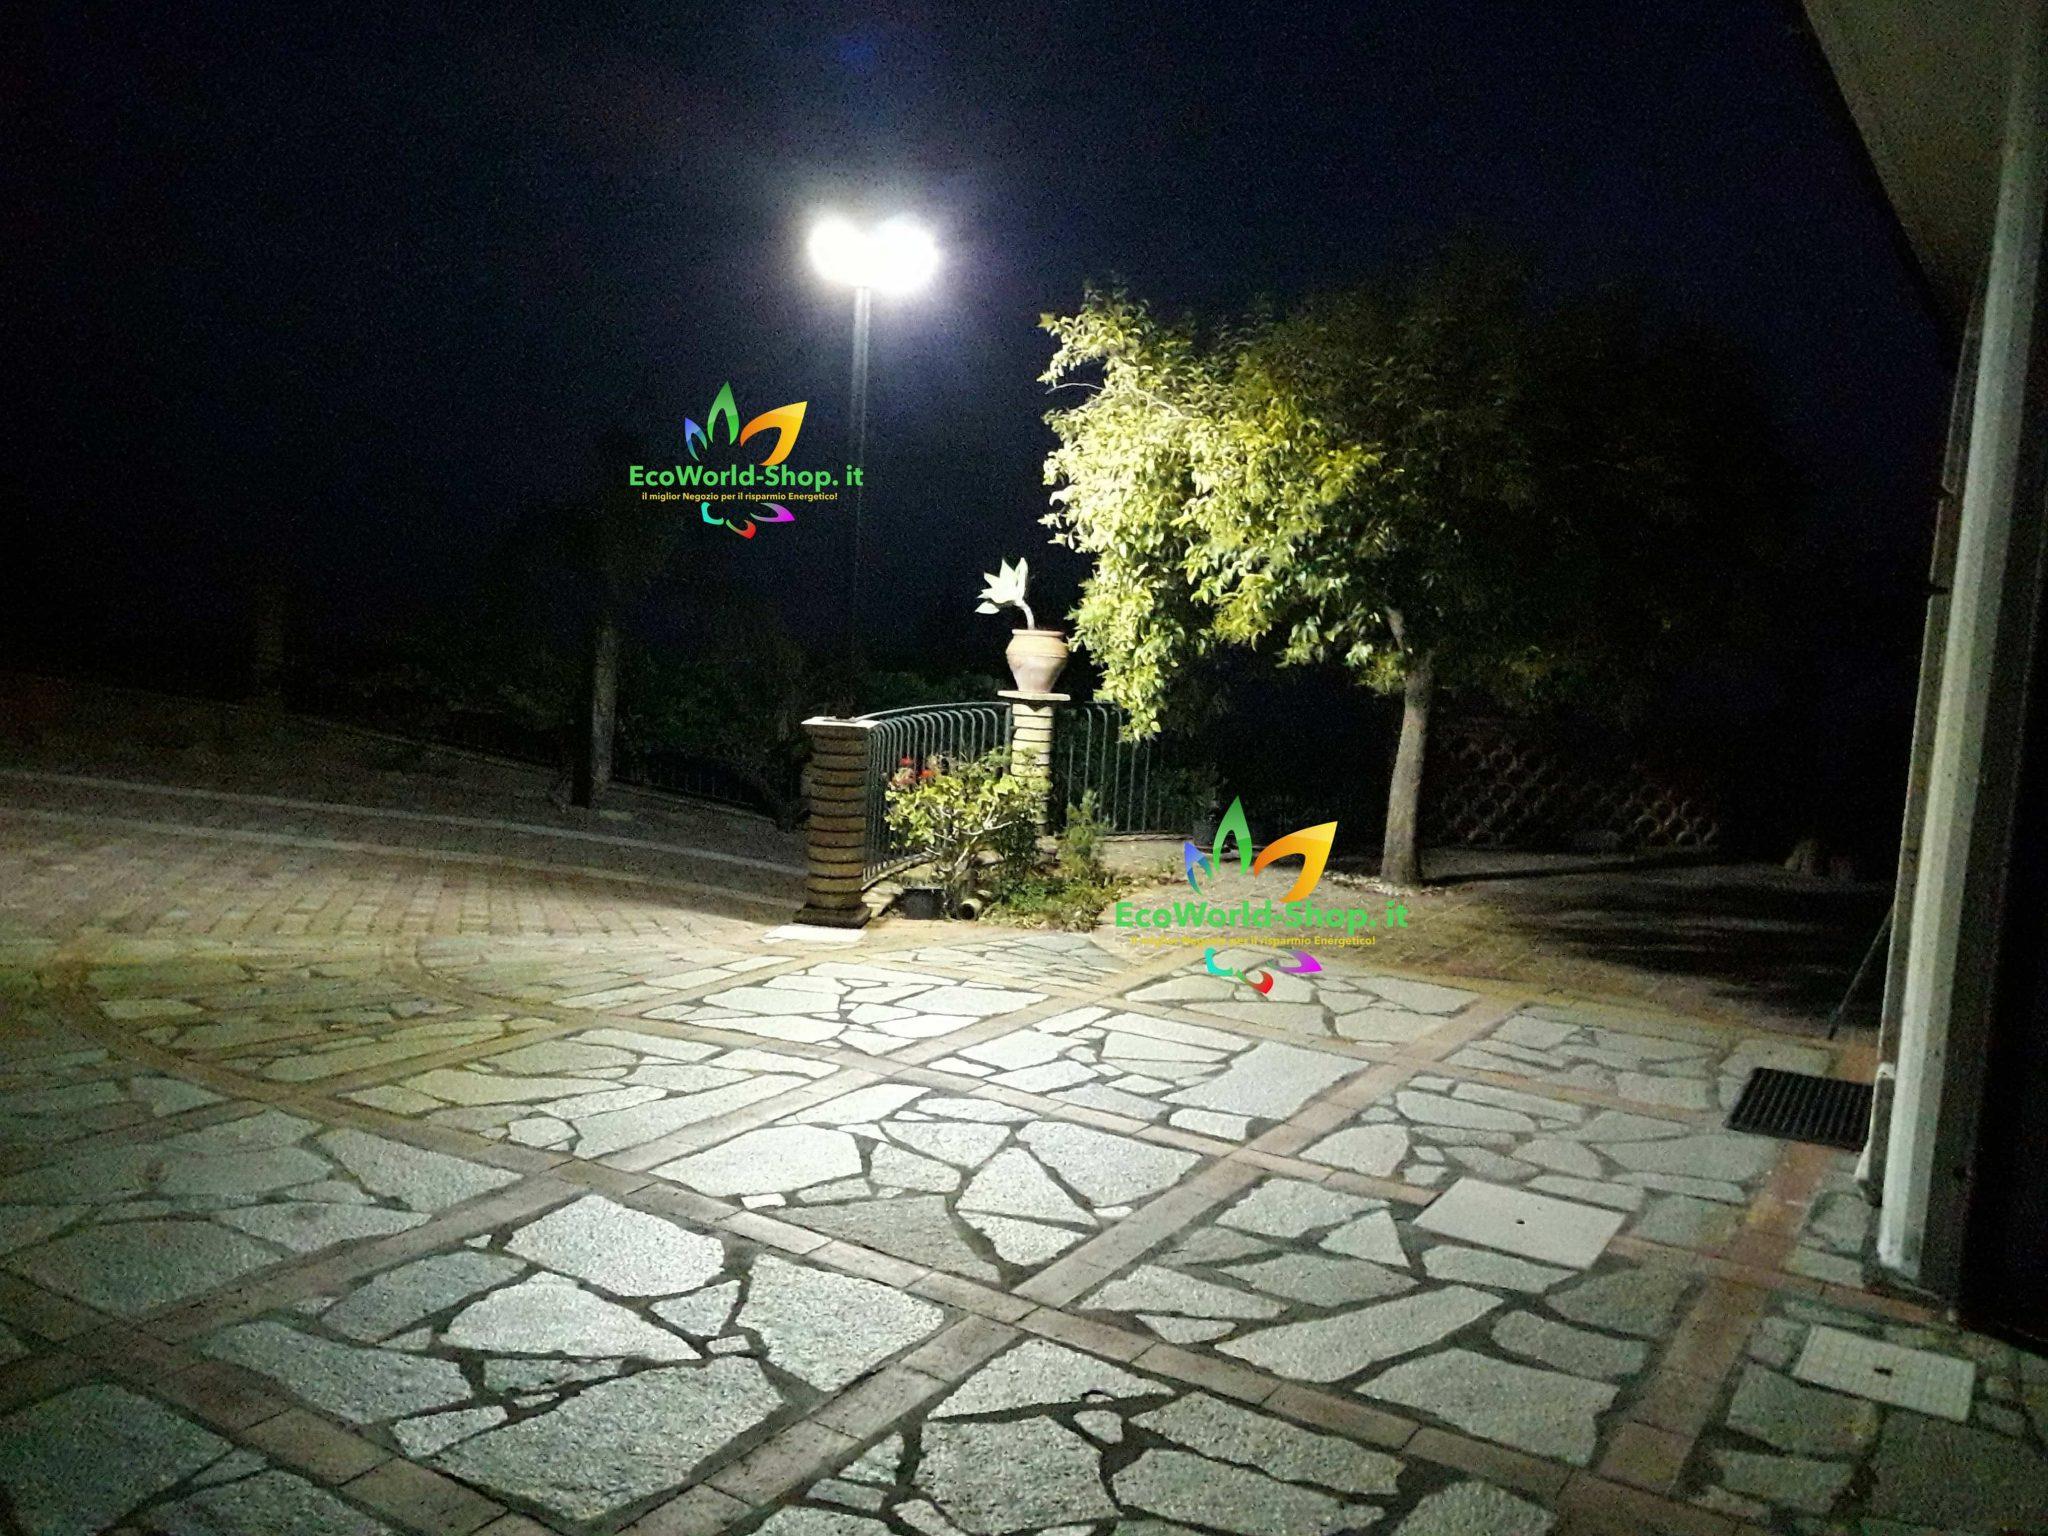 Lampione a led ad energia solare per esterno sfera ecoworld shop